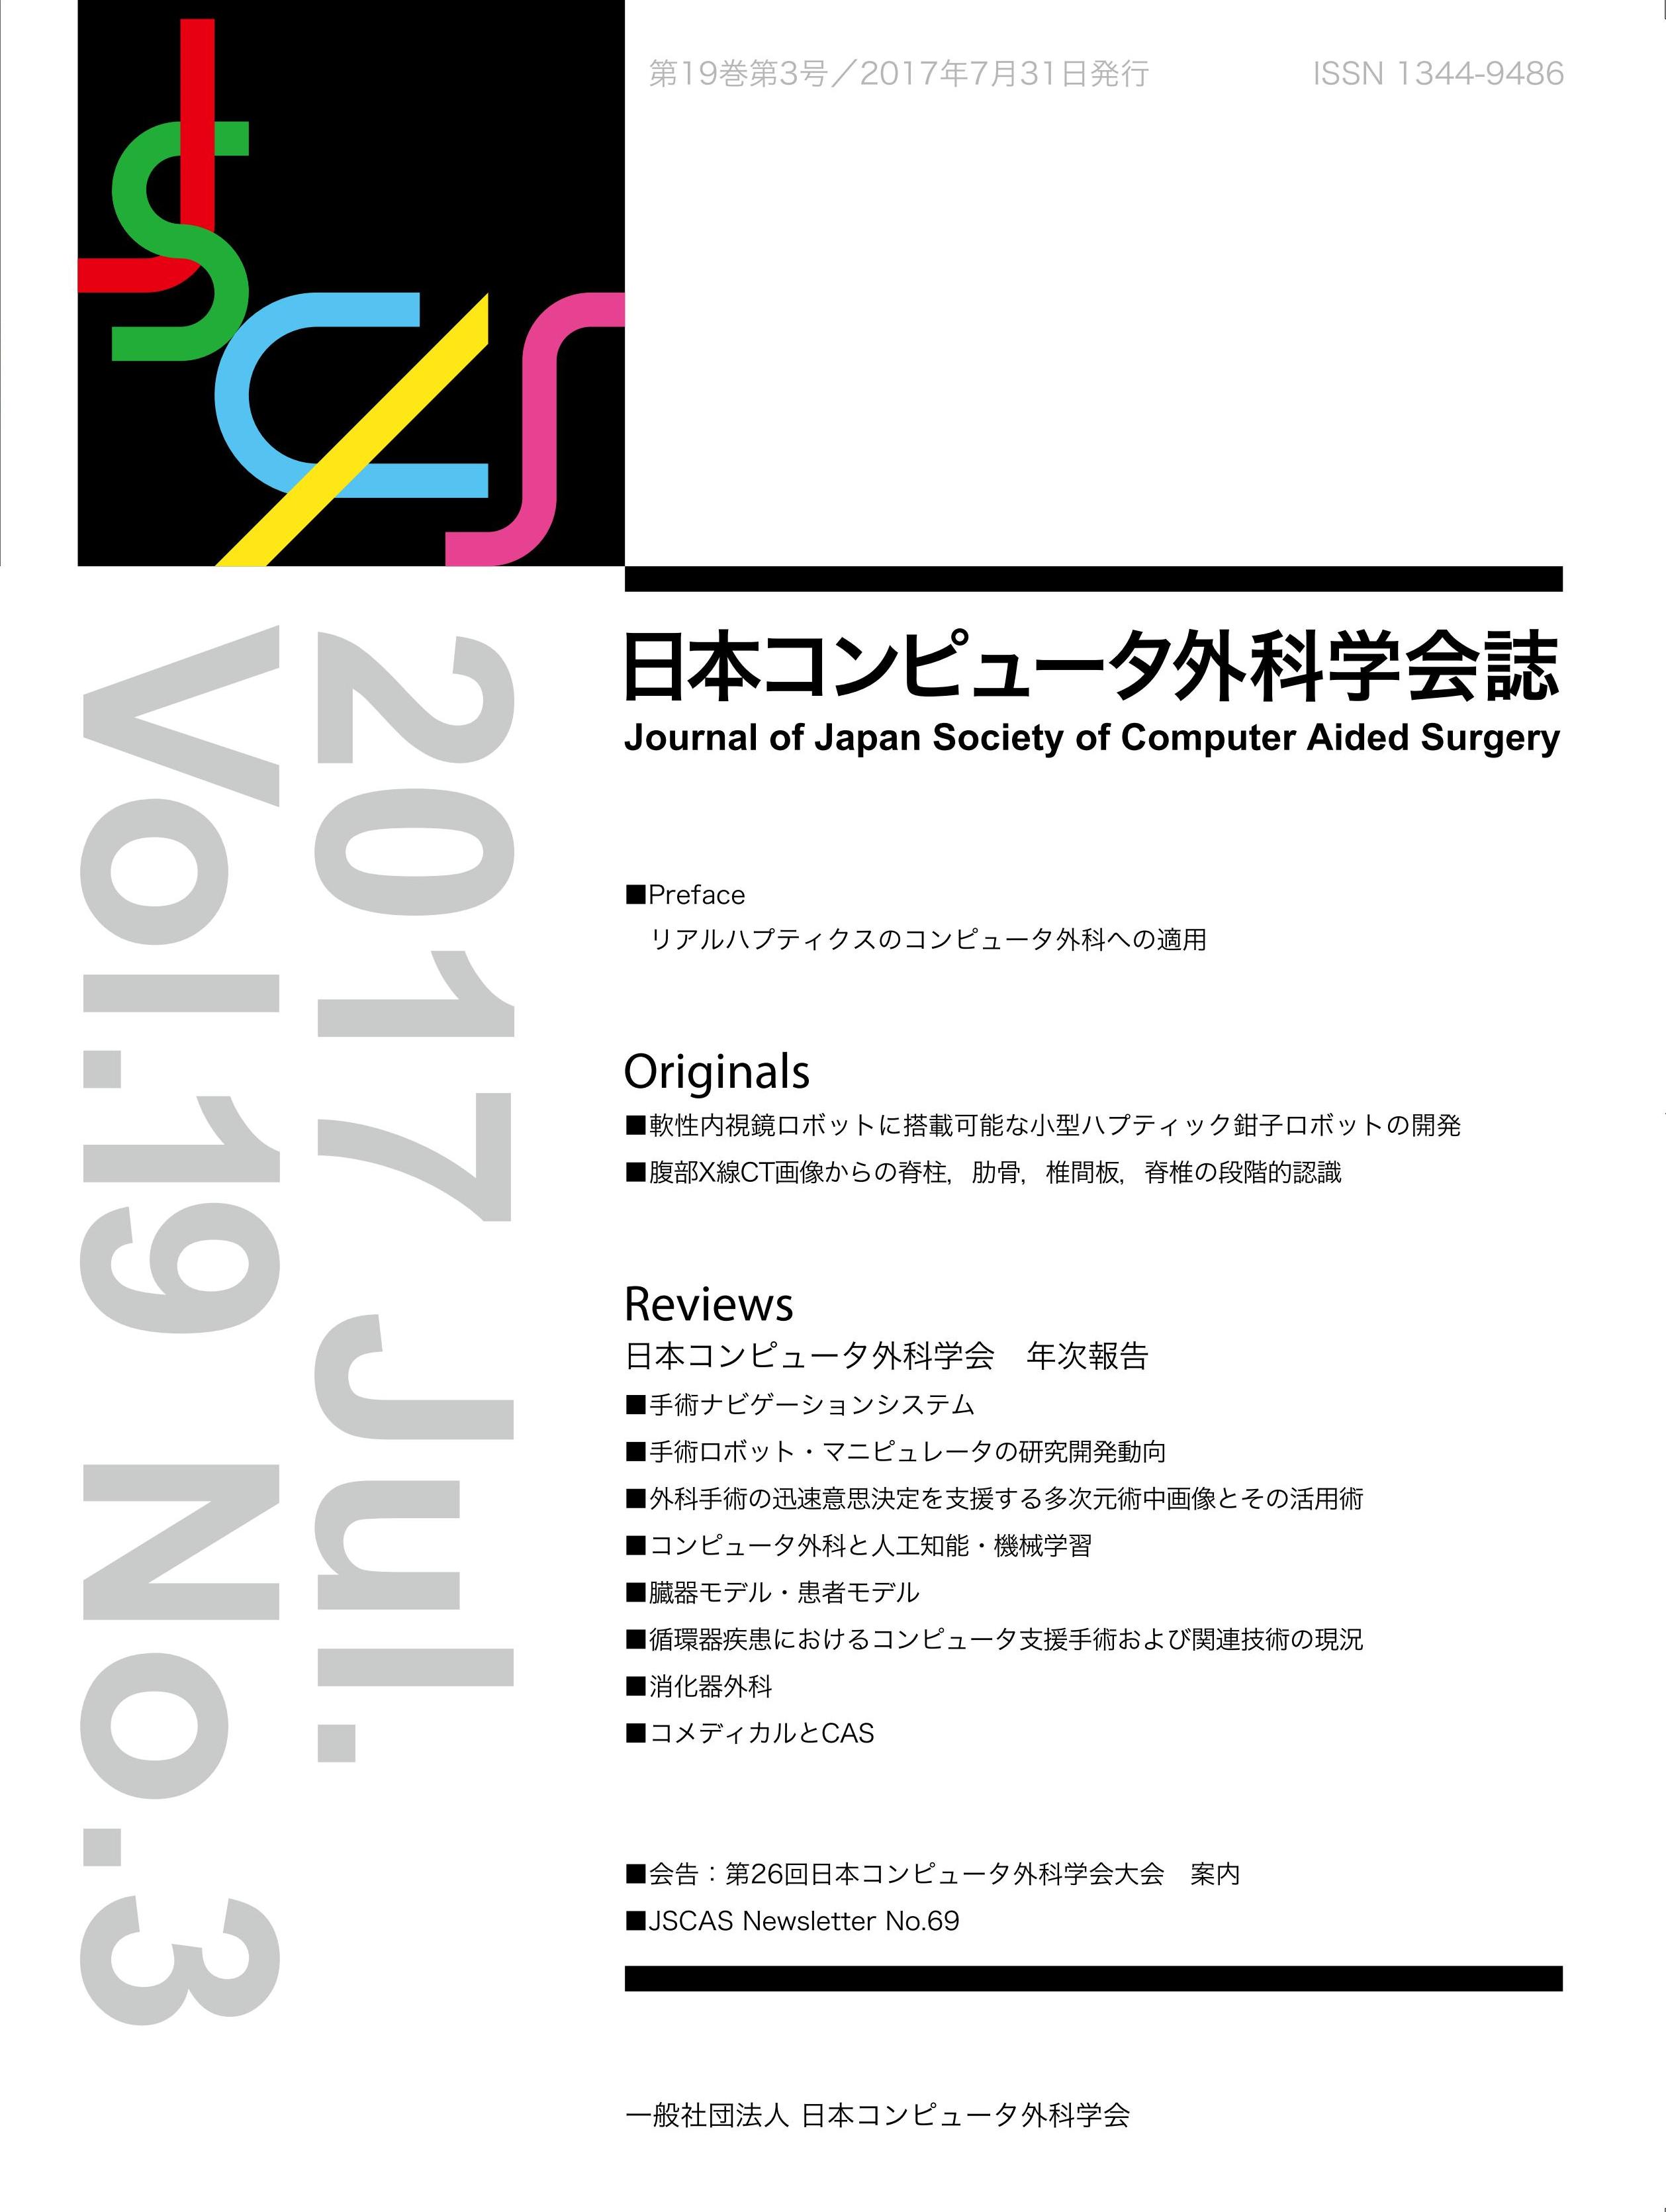 年次報告掲載号Vol.19 No.3